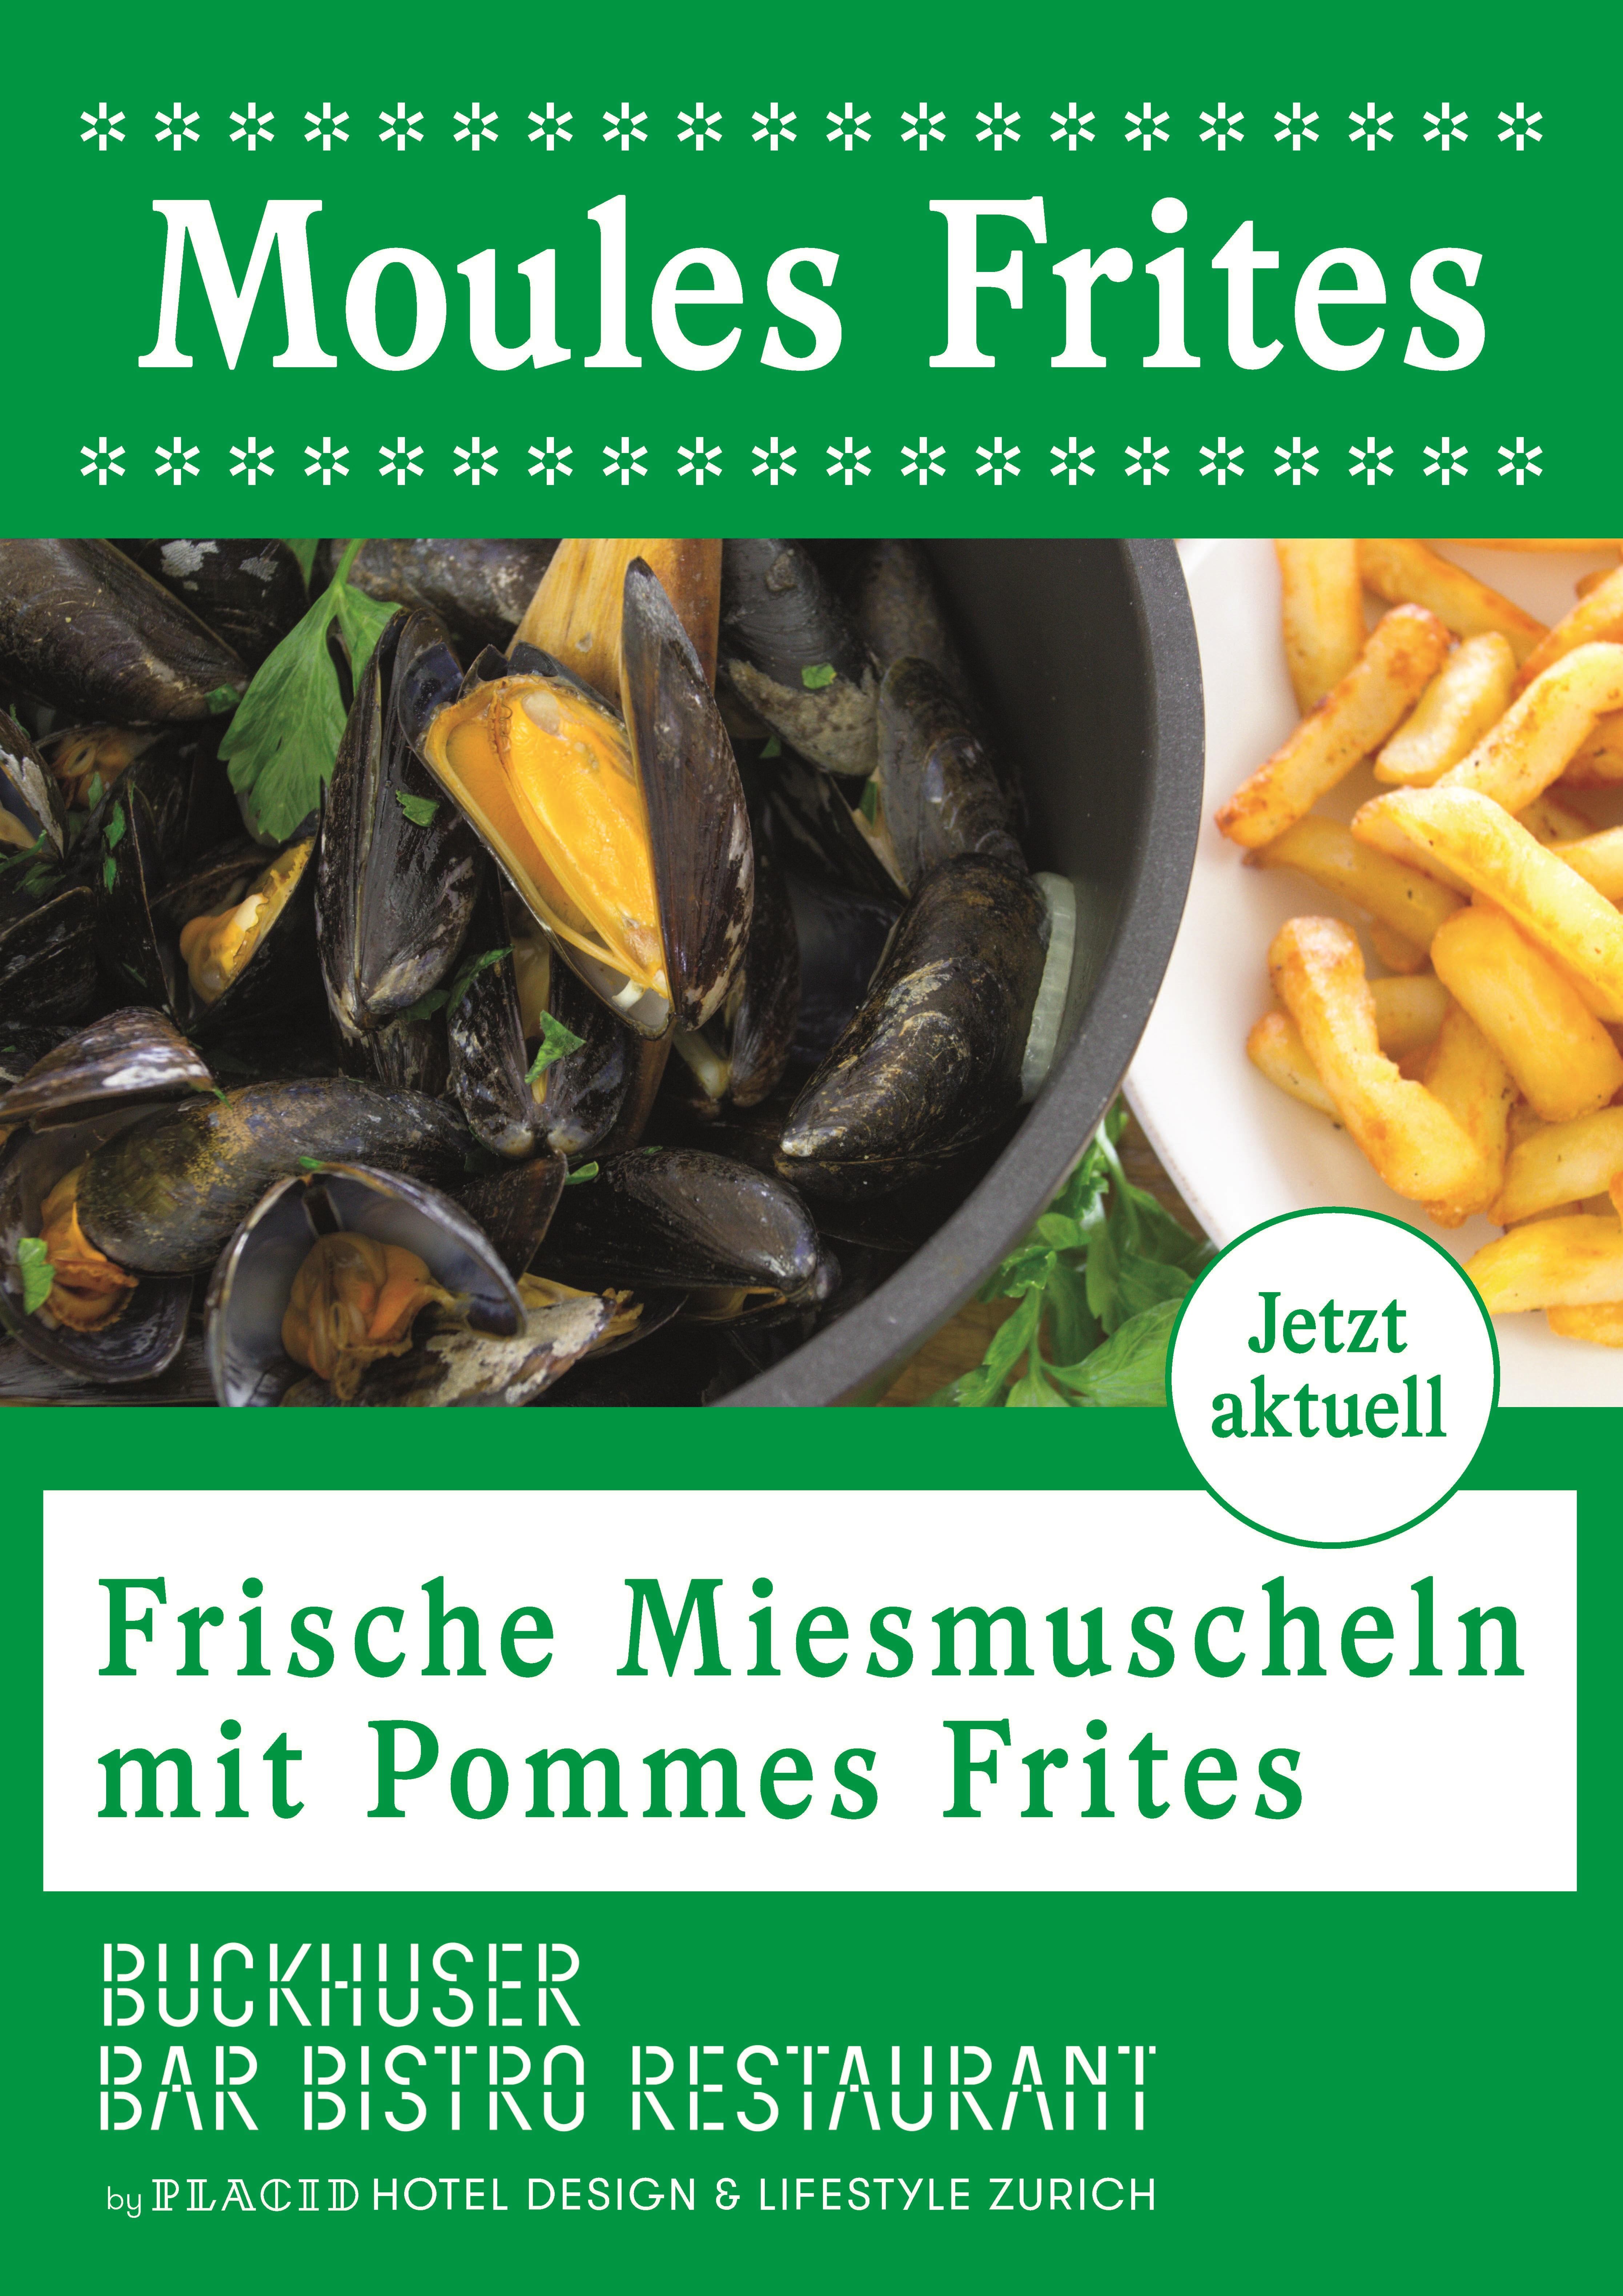 Moules et Frites